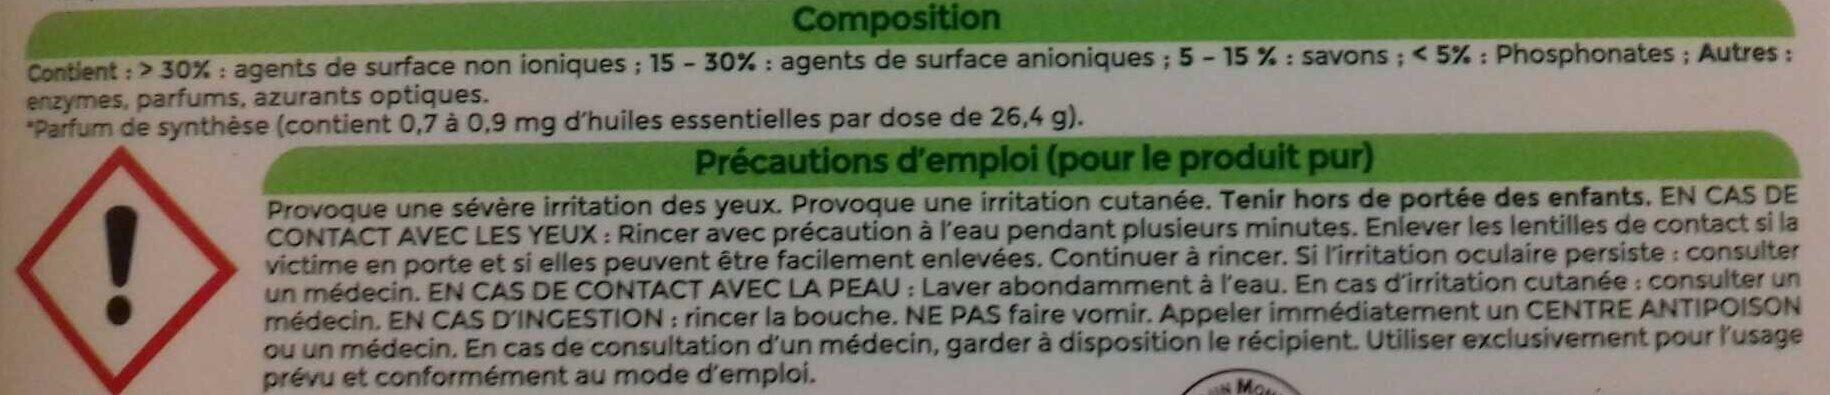 LESSIVE HYPOALLERGÉNIQUE - Ингредиенты - fr